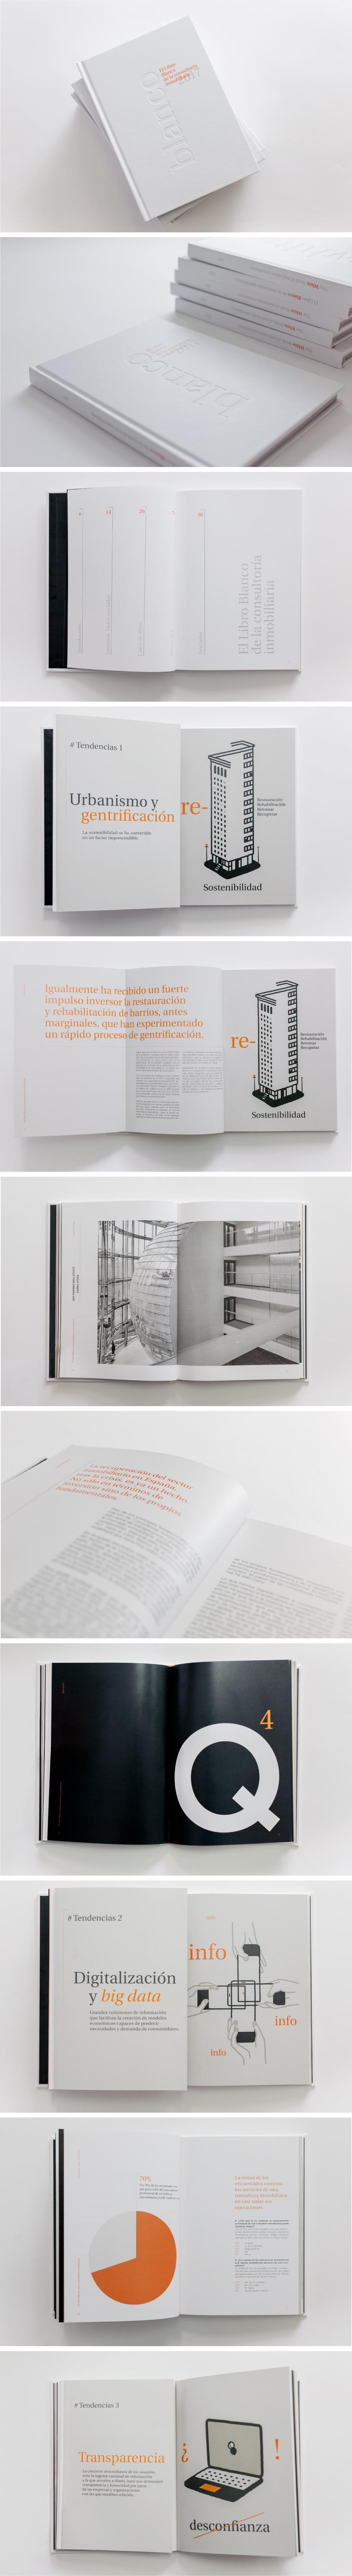 Diseño_CASE_LibroBlanco.jpg